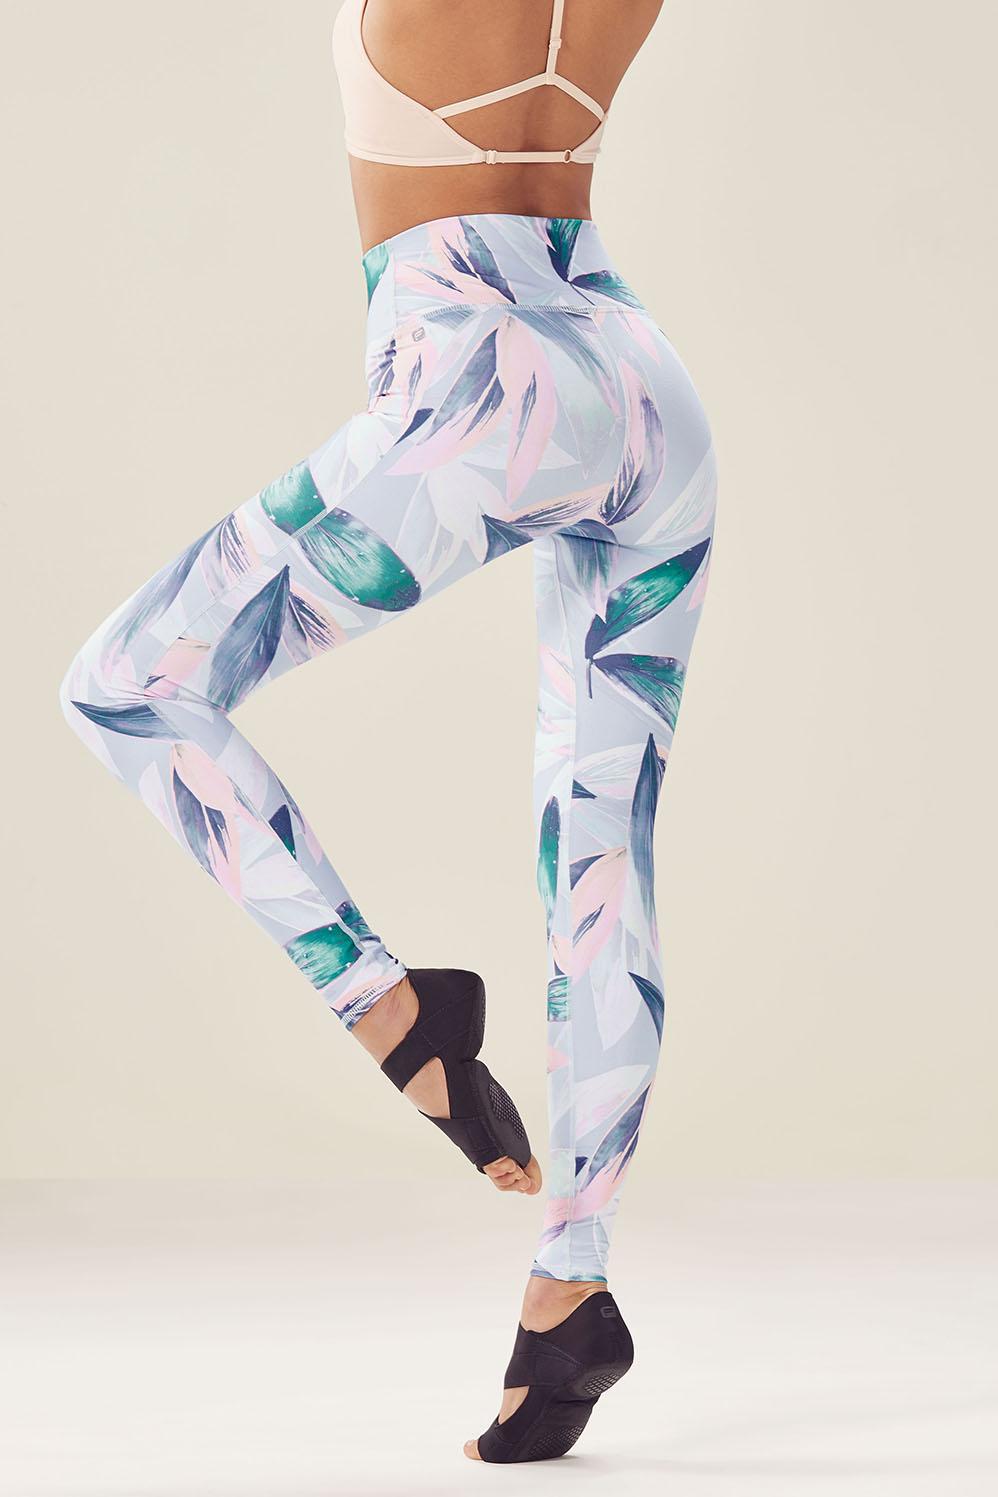 9 leggings pour booster votre esprit sportif!